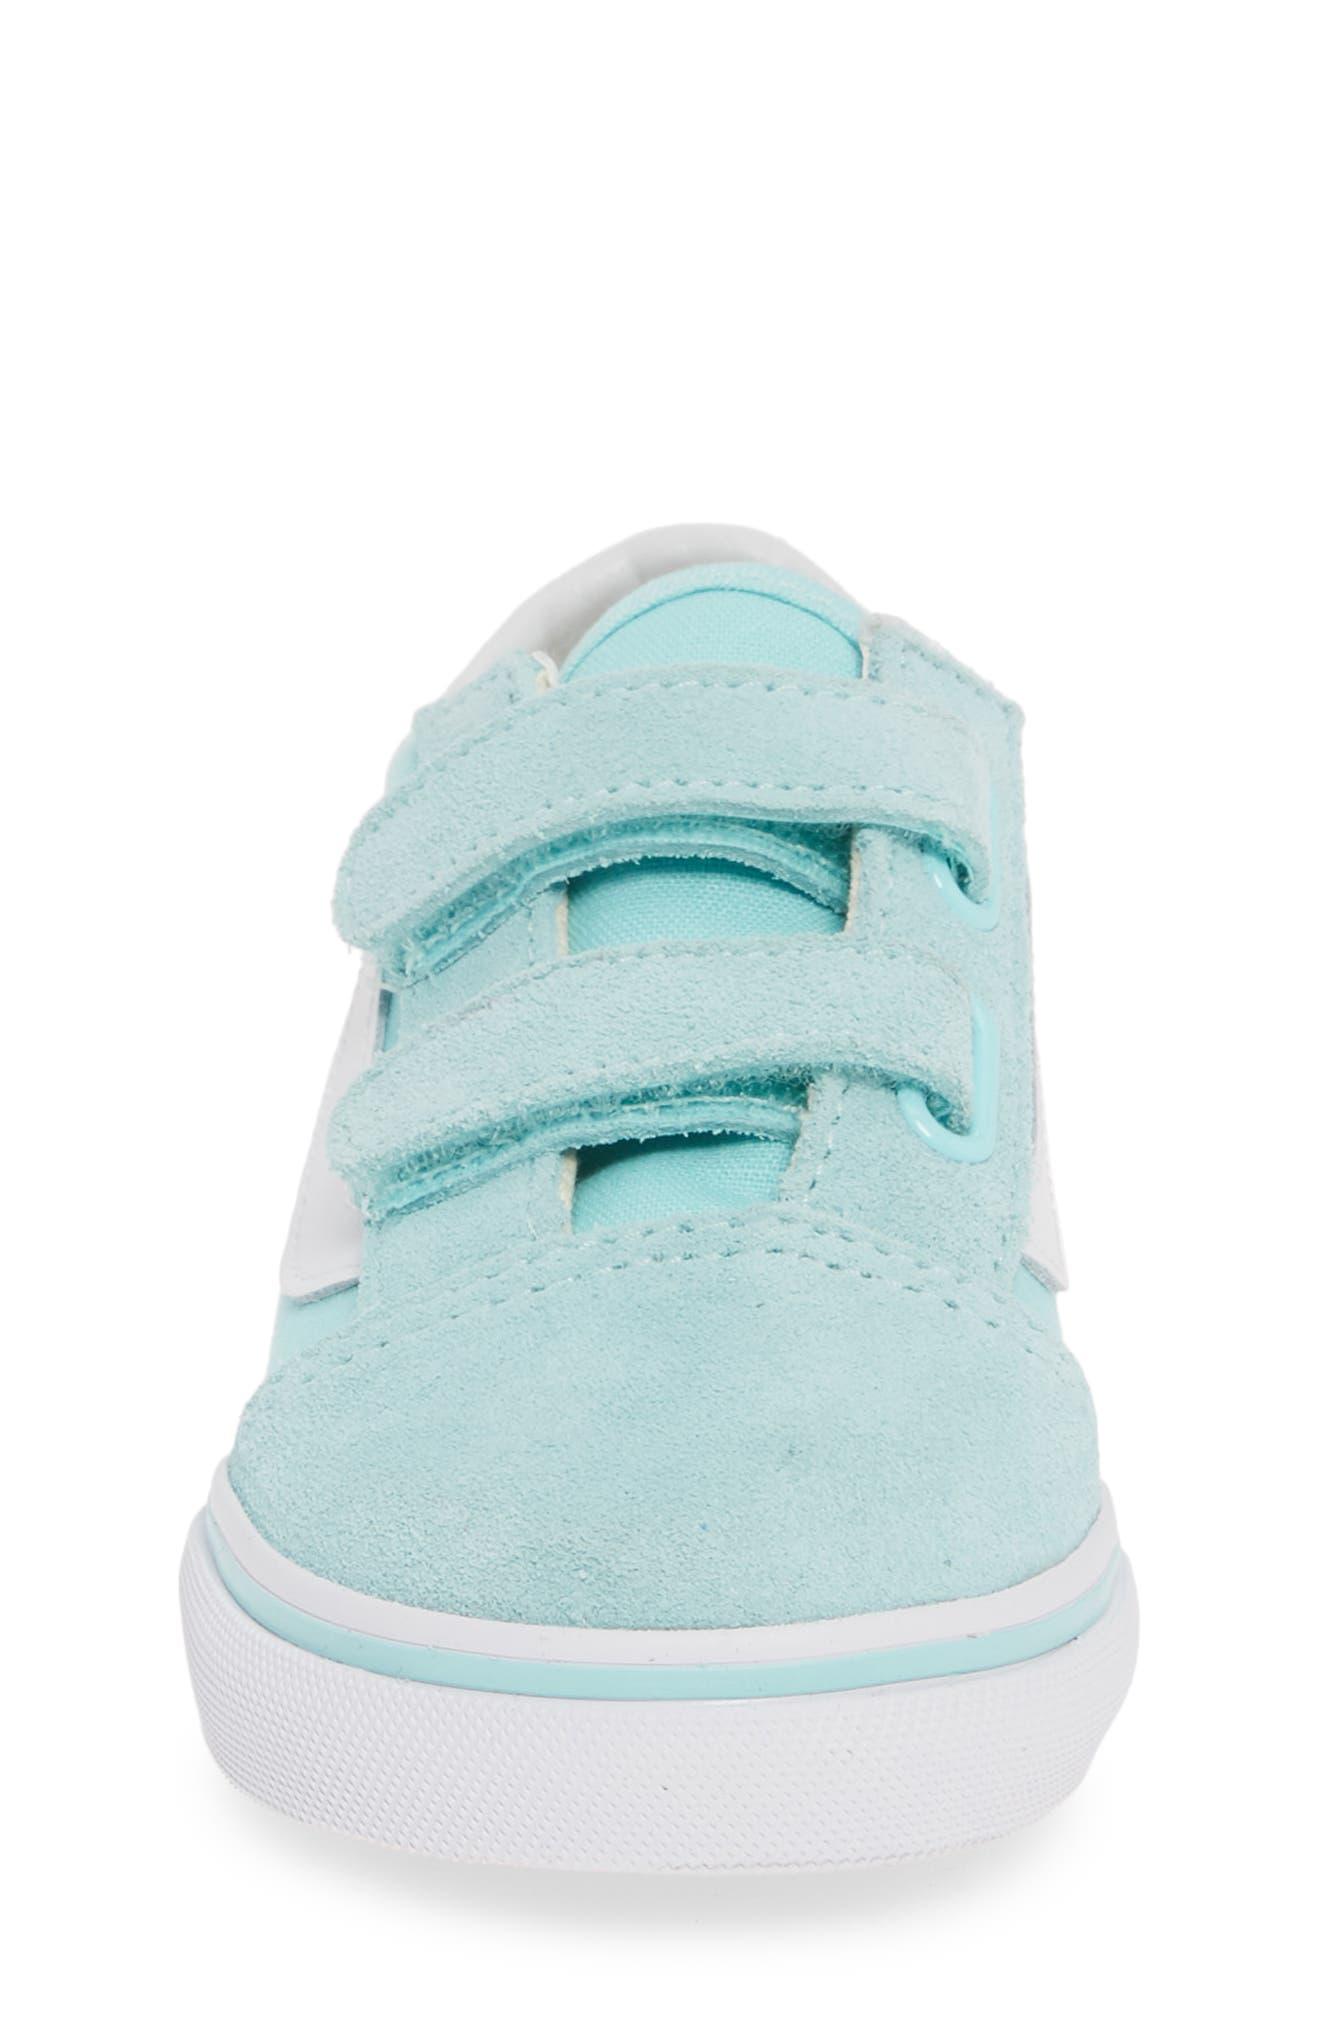 VANS, 'Old Skool V' Sneaker, Alternate thumbnail 4, color, BLUE TINT/ TRUE WHITE